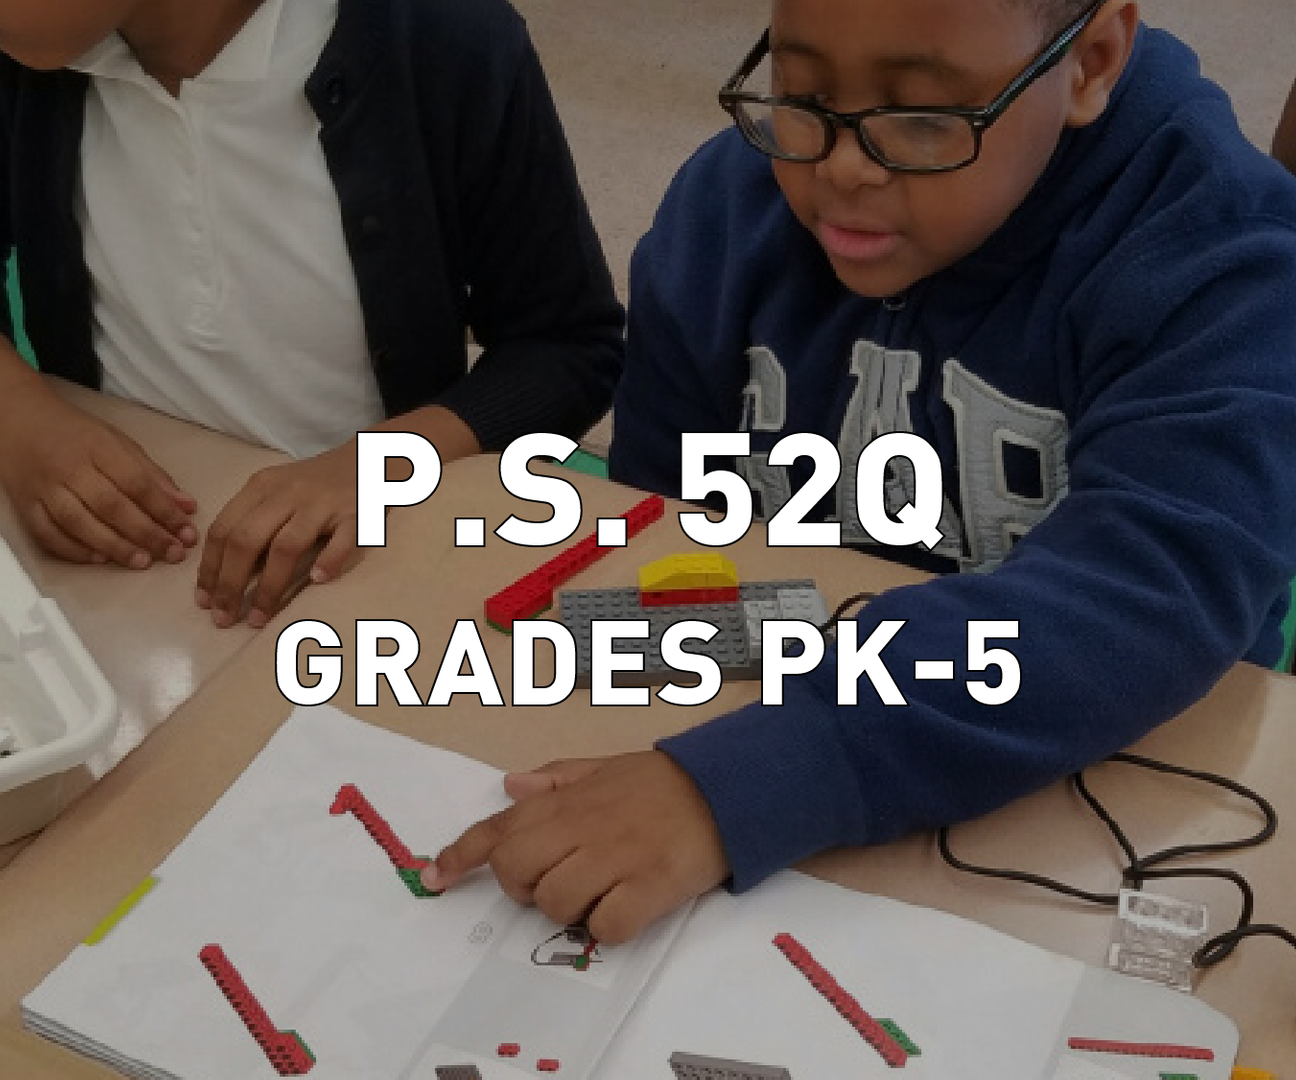 P.S. 52Q Grades PK-5